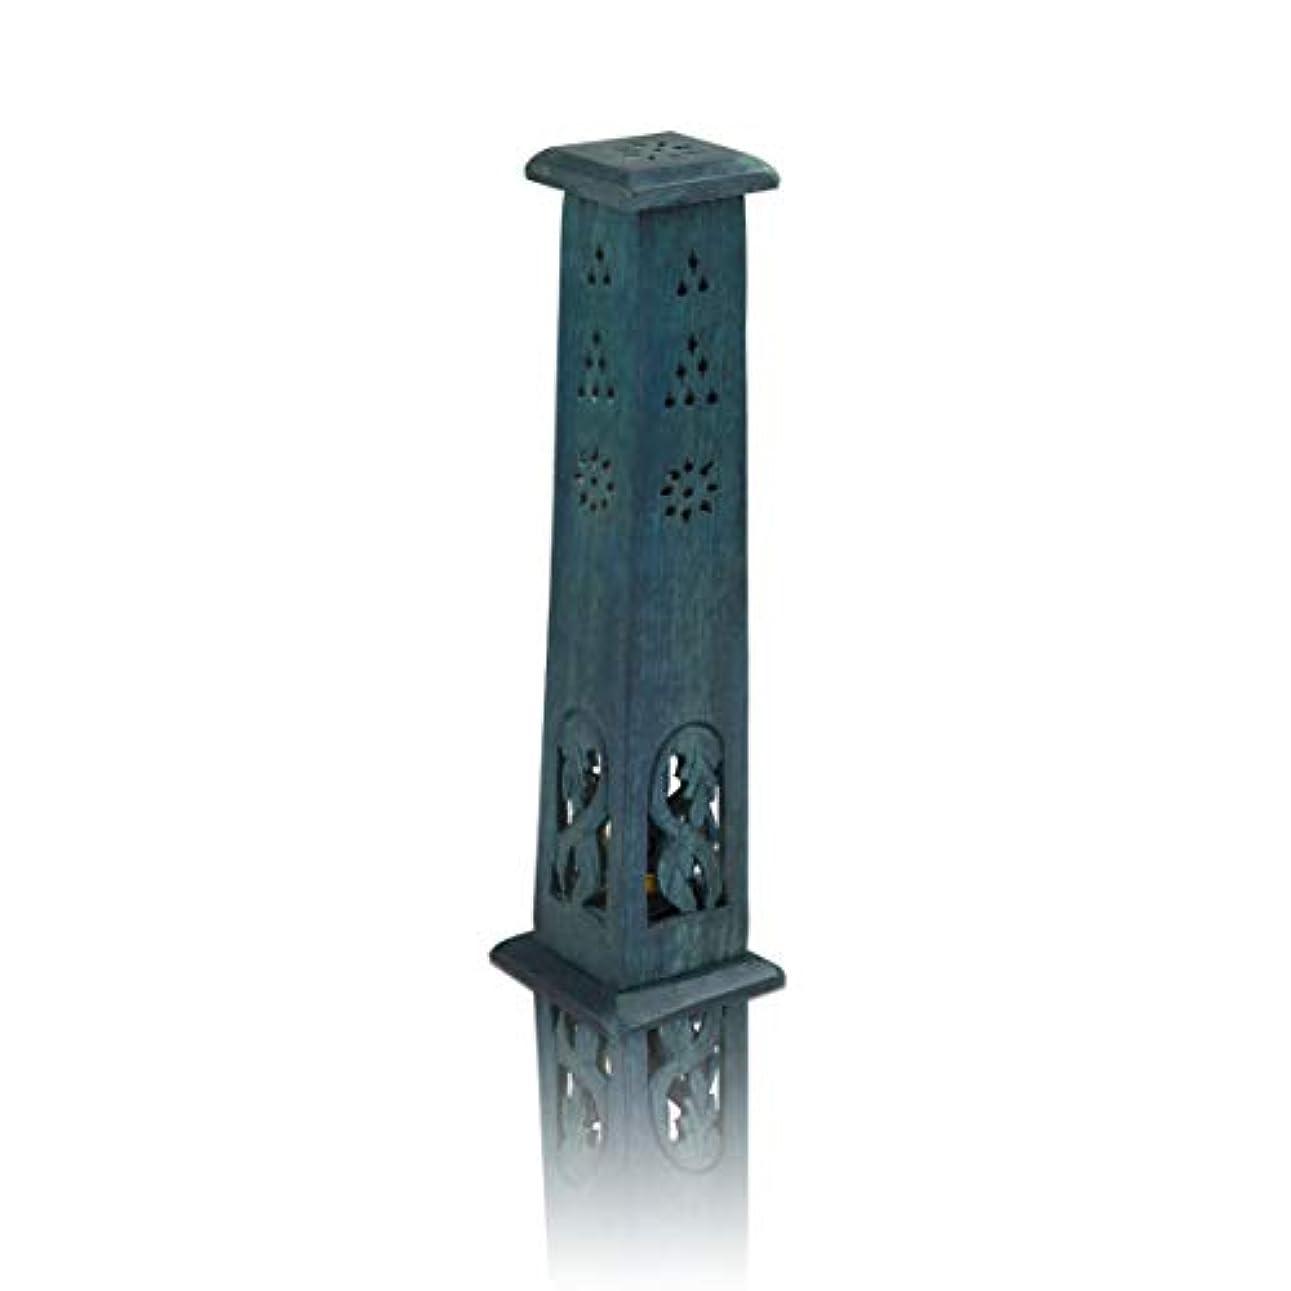 曲呪われたレバー木製お香スティック&コーンバーナーホルダー タワー ラージ オーガニック エコフレンドリー アッシュキャッチャー アガーバティホルダー 素朴なスタイル 手彫り 瞑想 ヨガ アロマセラピー ホームフレグランス製品